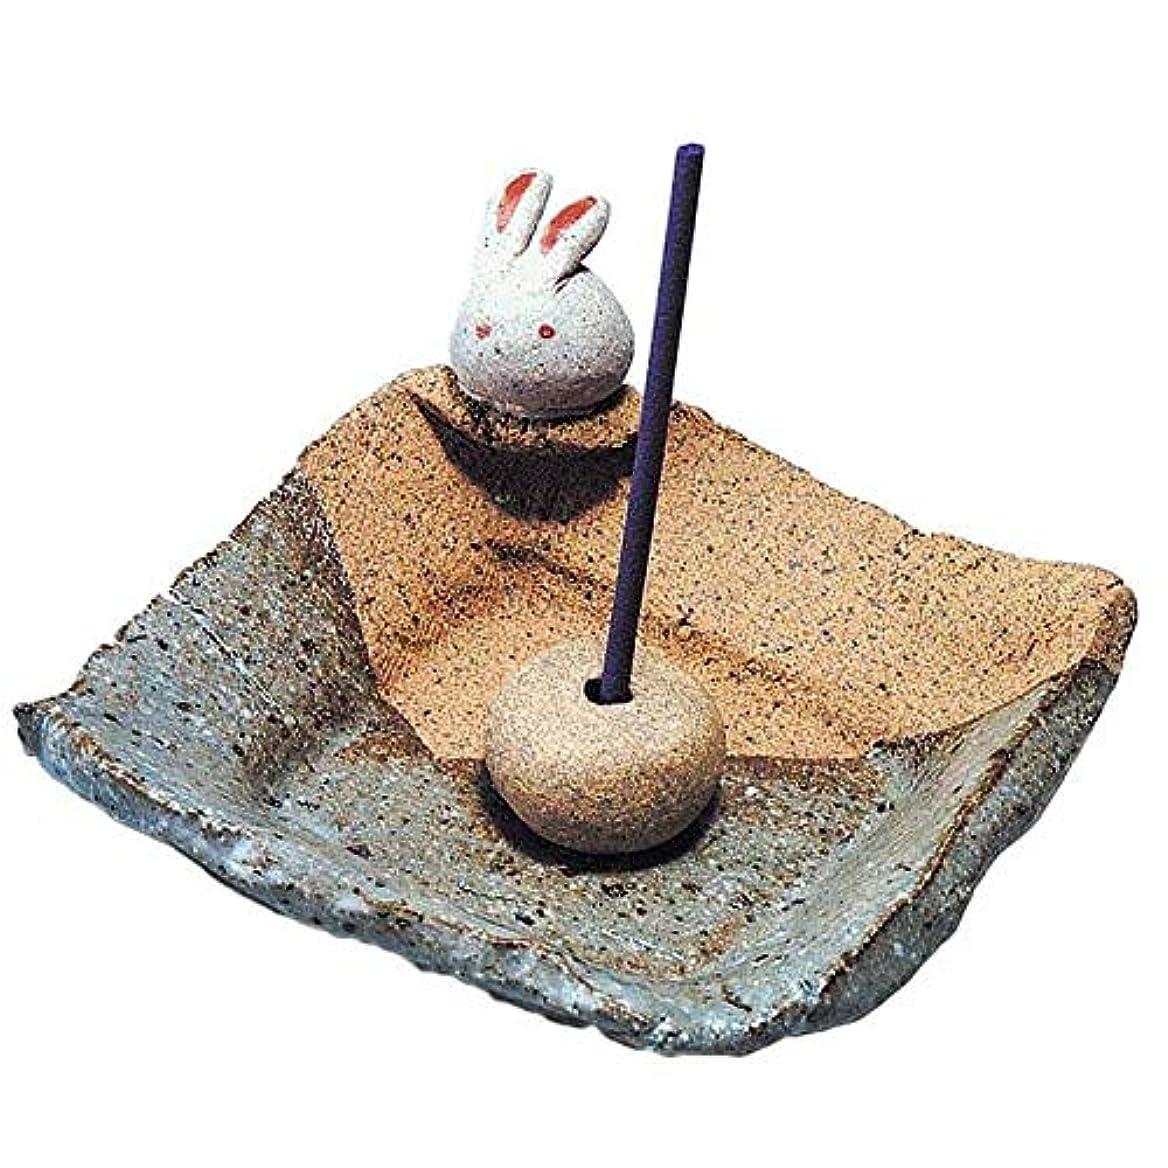 神学校ペックマイコン手造り 香皿 香立て/うさぎ 香皿/香り アロマ 癒やし リラックス インテリア プレゼント 贈り物